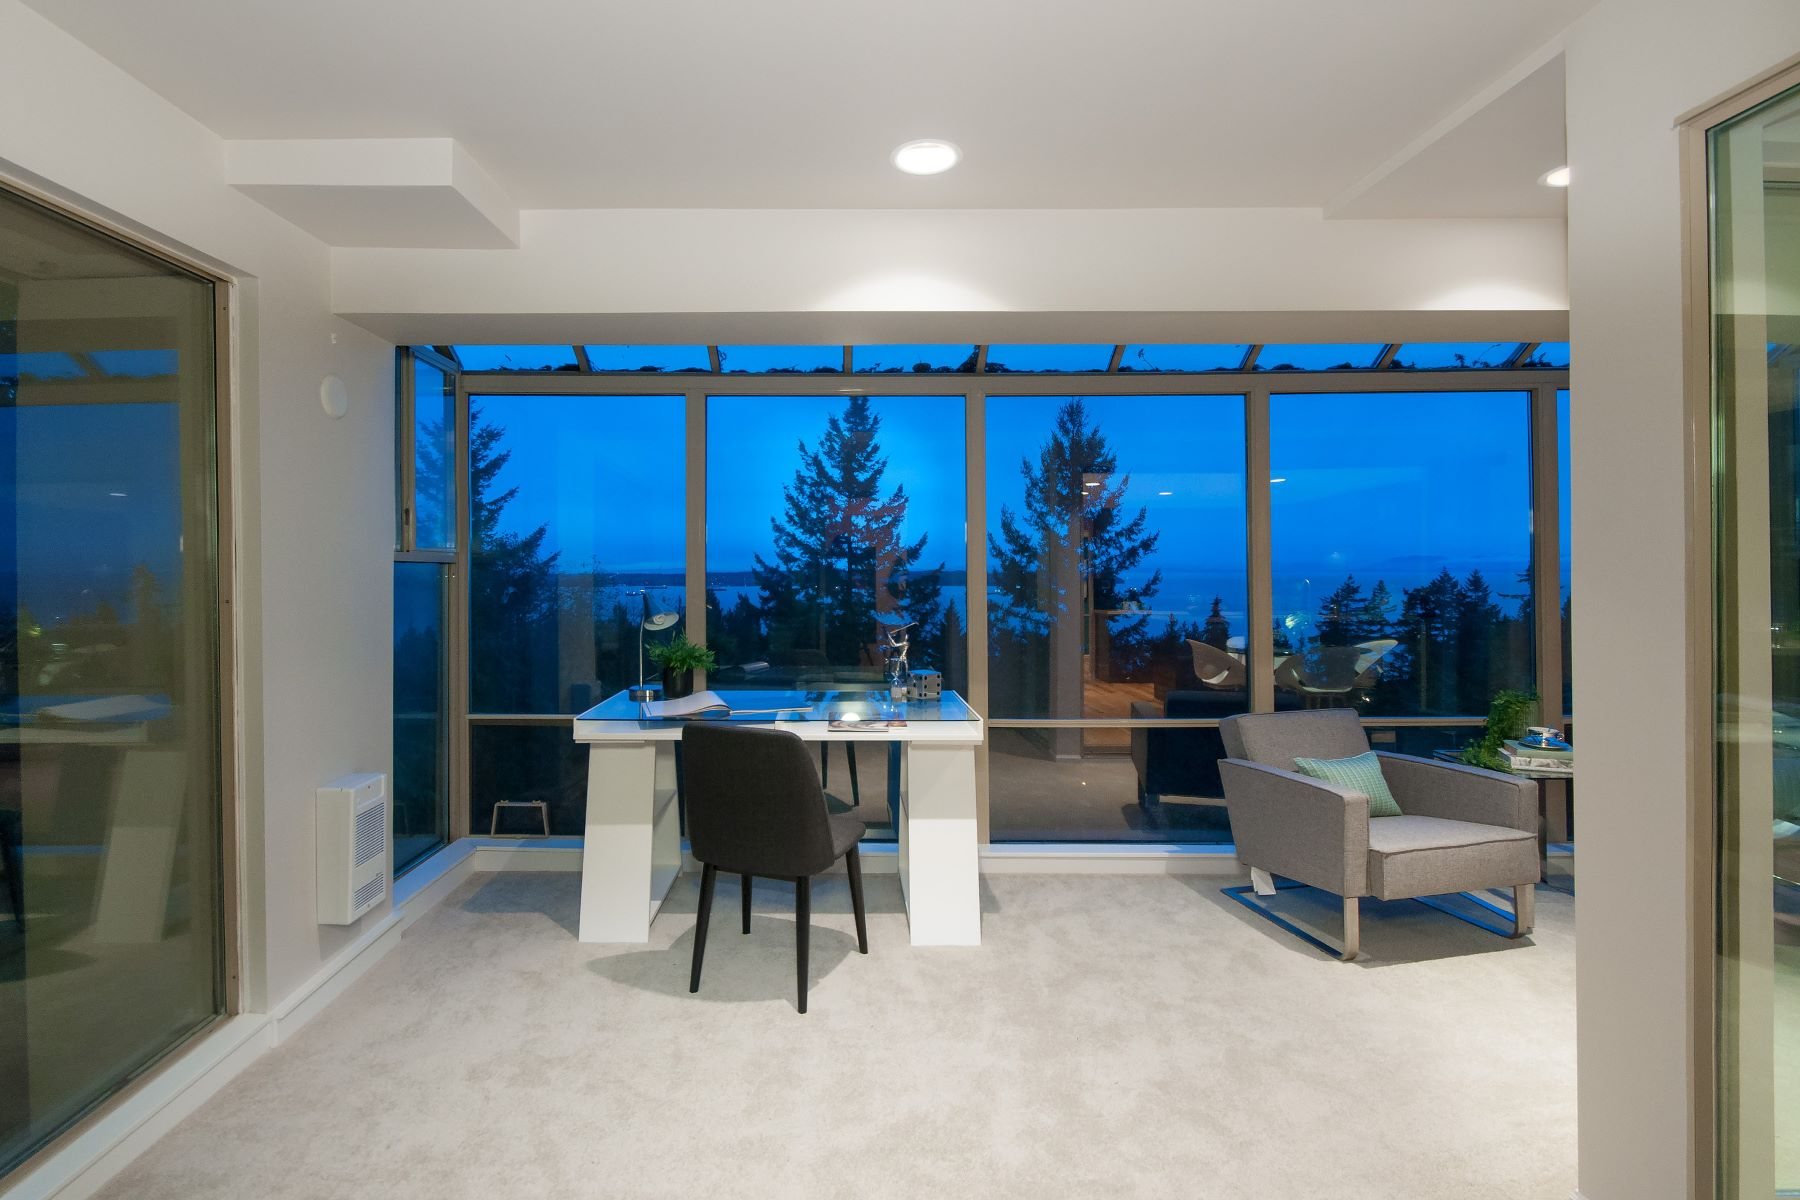 타운하우스 용 매매 에 Panoramic Ocean Views 3010 Deer Ridge Close, West Vancouver, 브리티시 컬럼비아주, V7S 4W1 캐나다